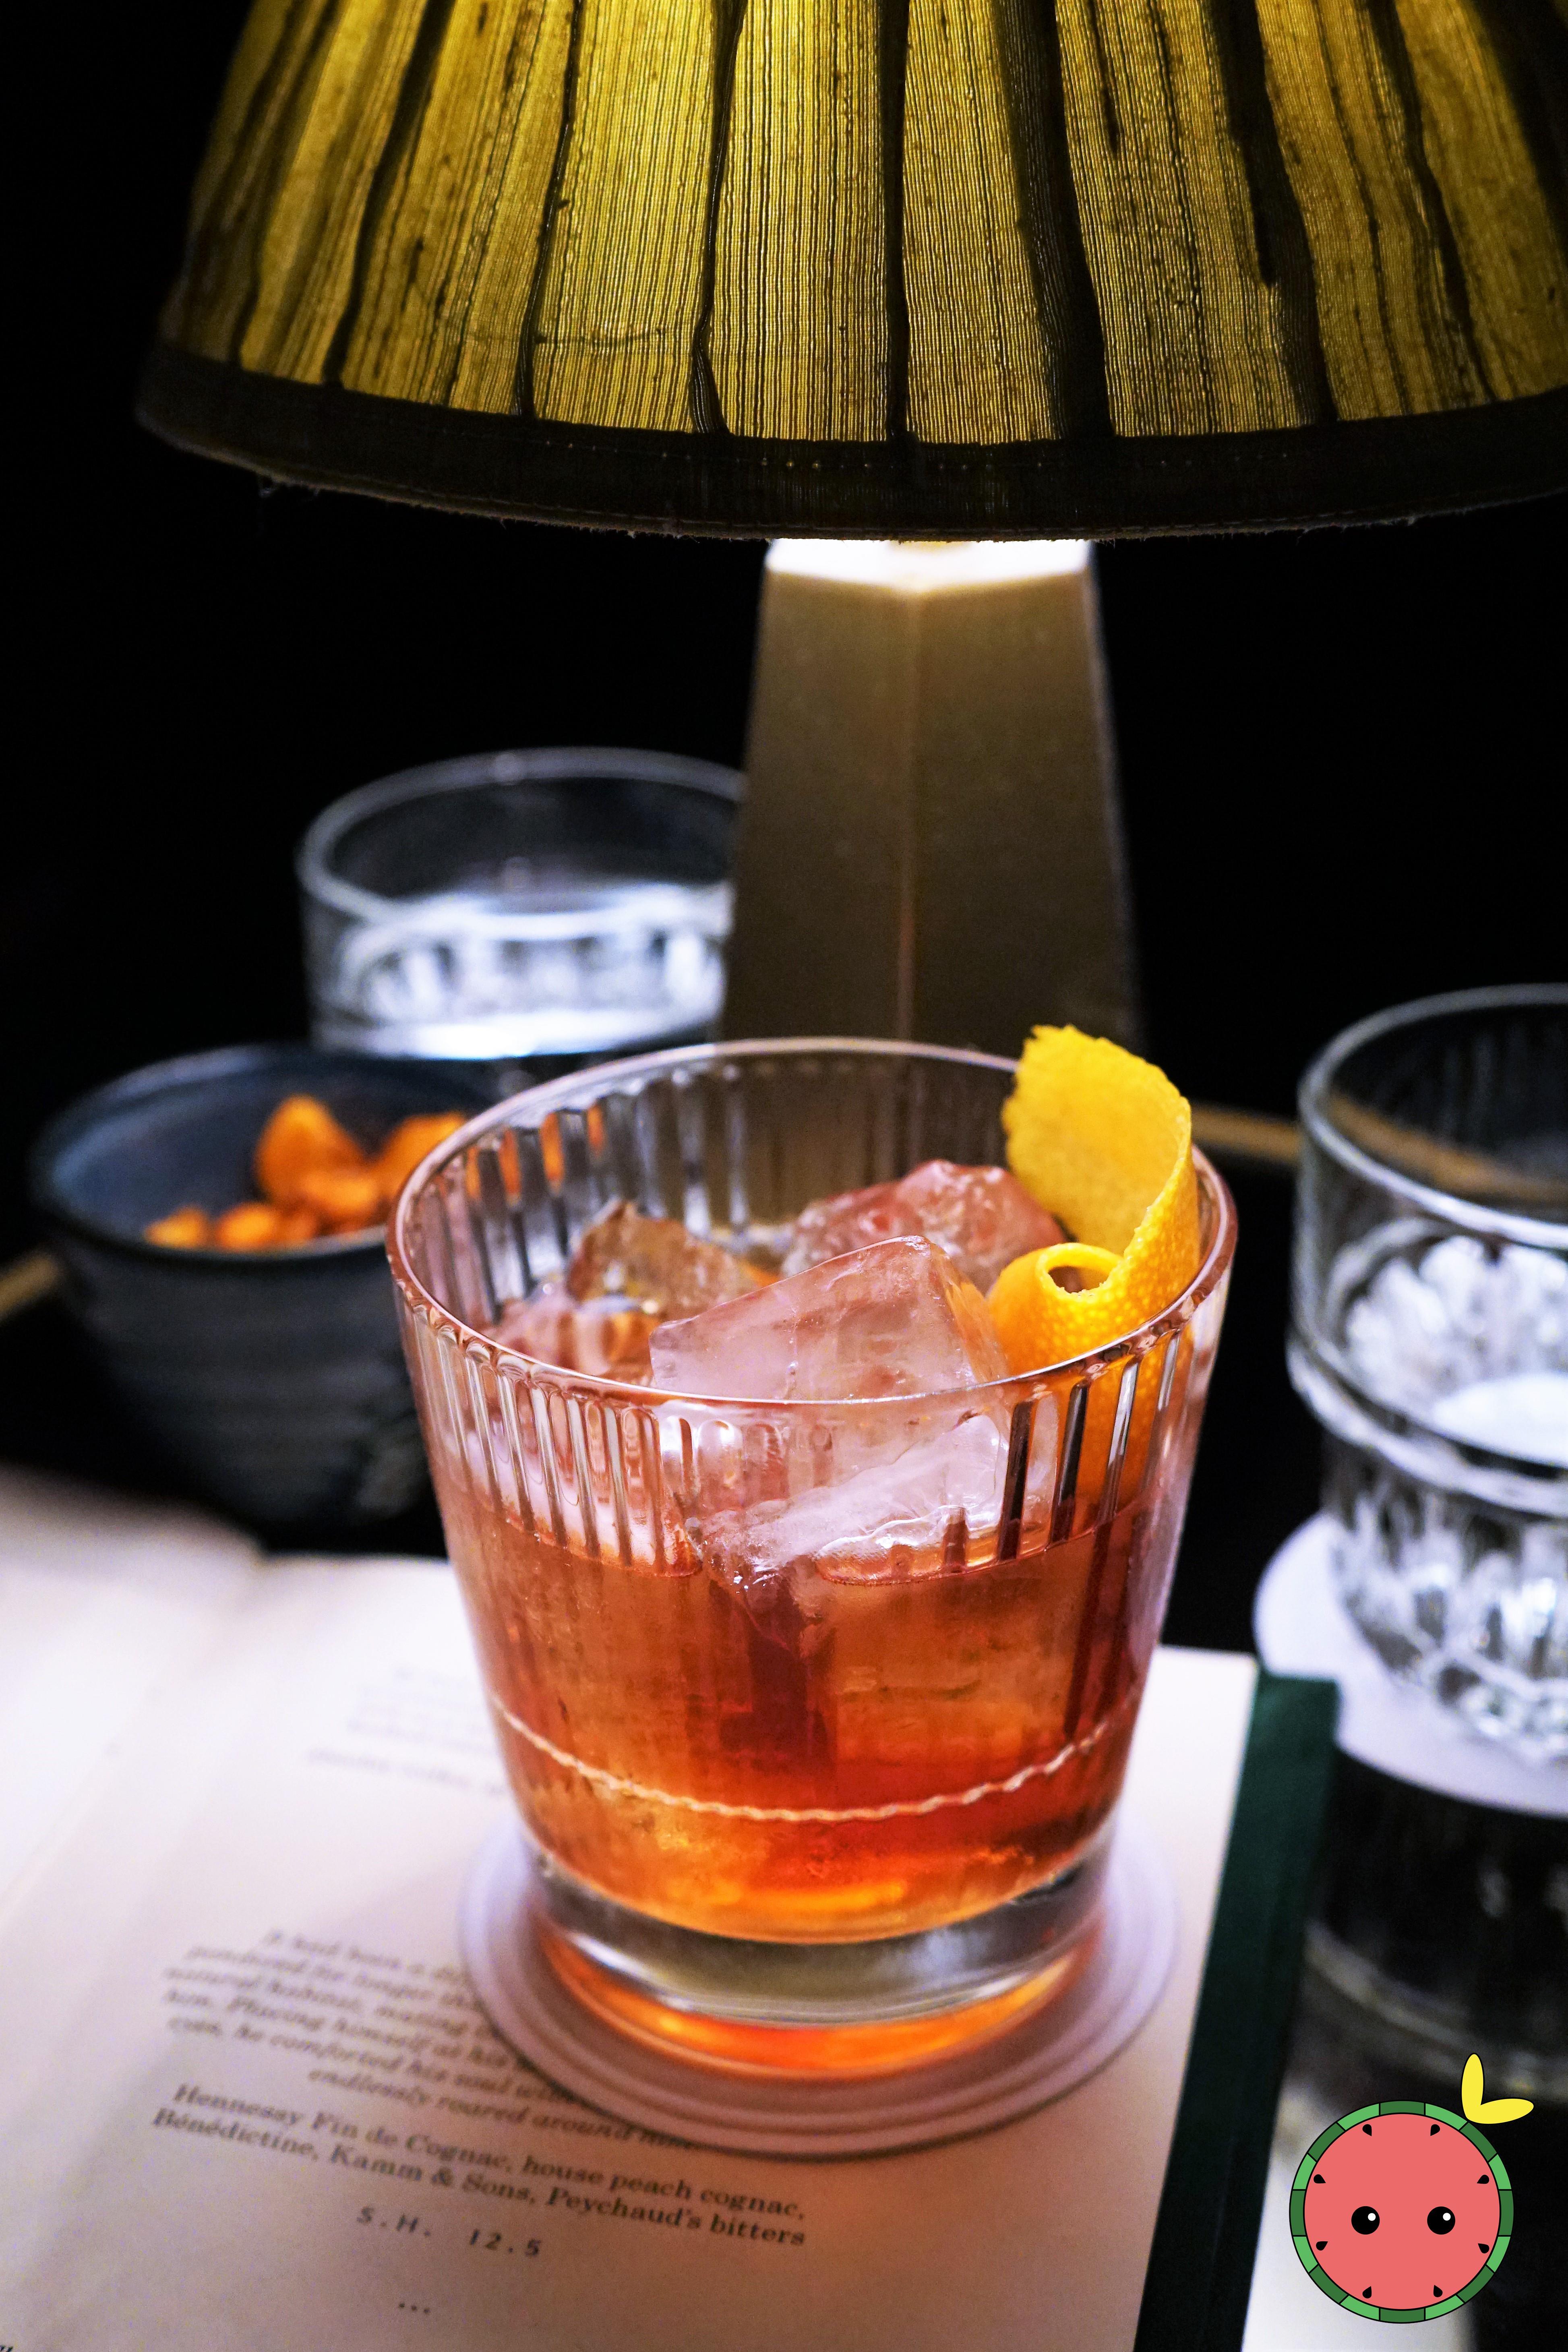 Stone_Heart_-_Hennessy_Fin_de_Cognac,_Ho